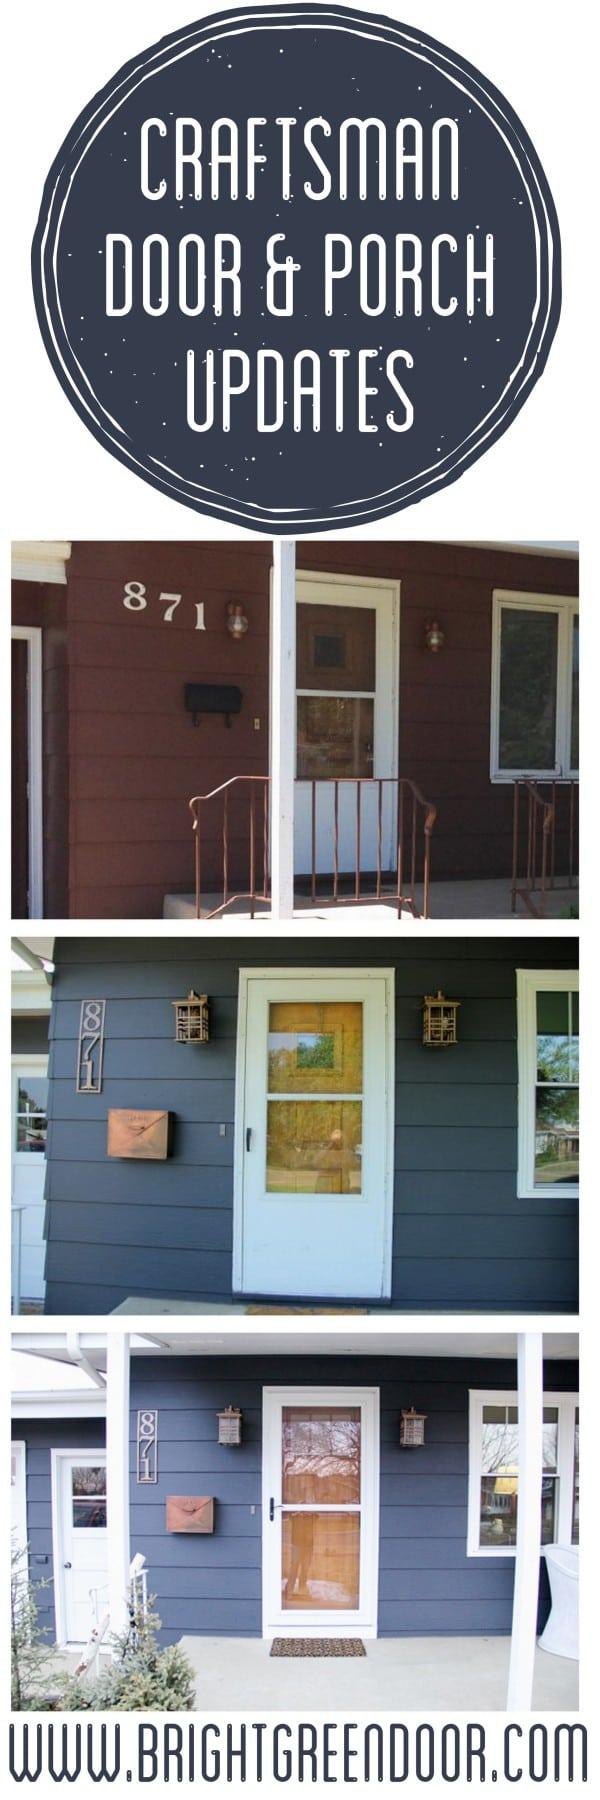 Craftsman Door and Porch Updates